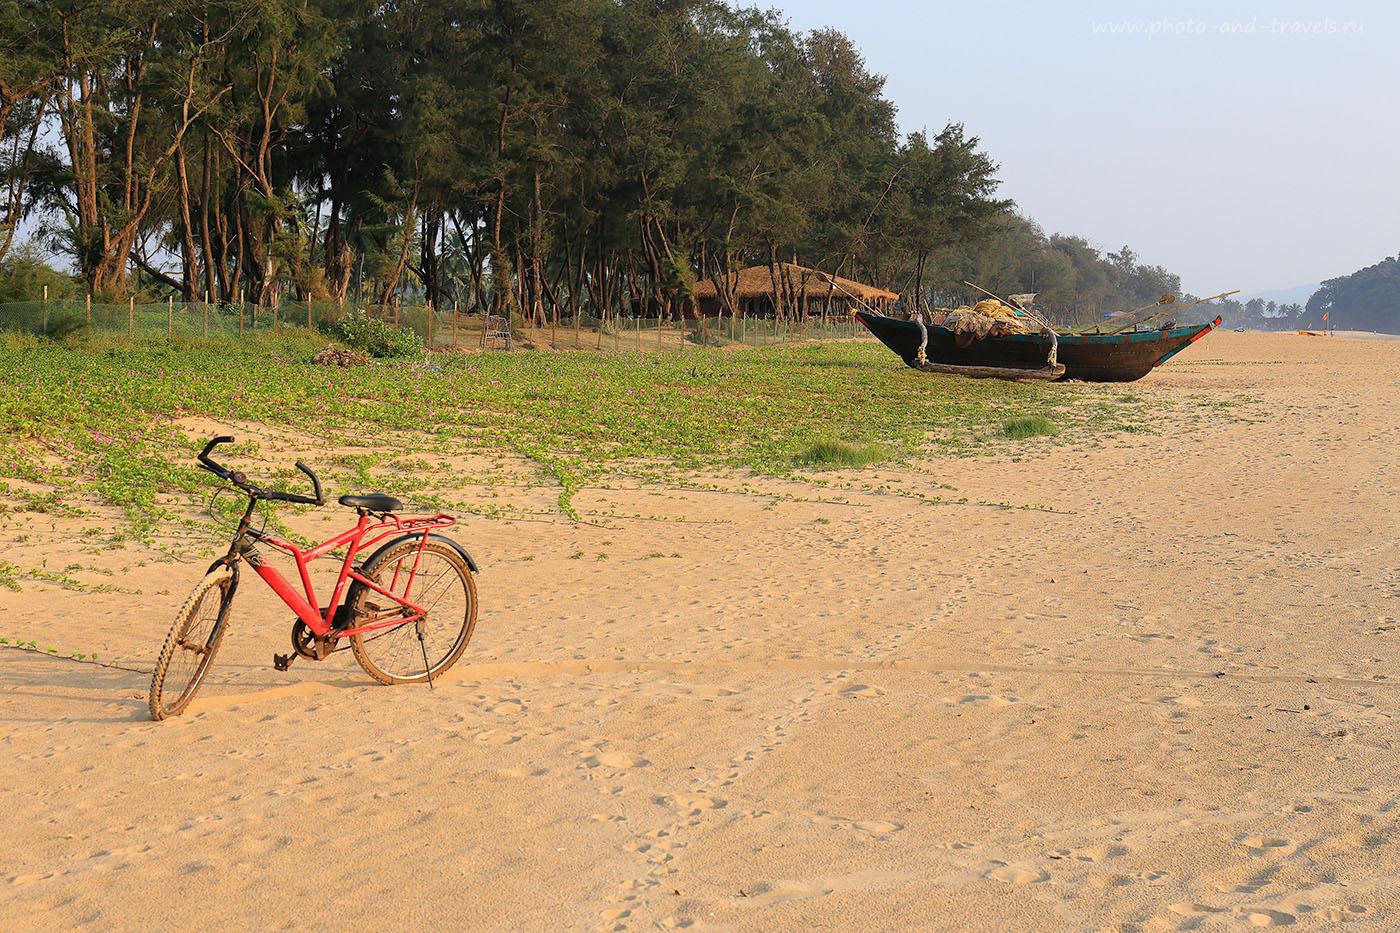 32. Велосипед. Безлюдные пляжи Южного Гоа. Отчеты туристов о самостоятельном отдыхе в Индии (24-70, 1/400, 0eV, f9, 57mm, ISO 320)